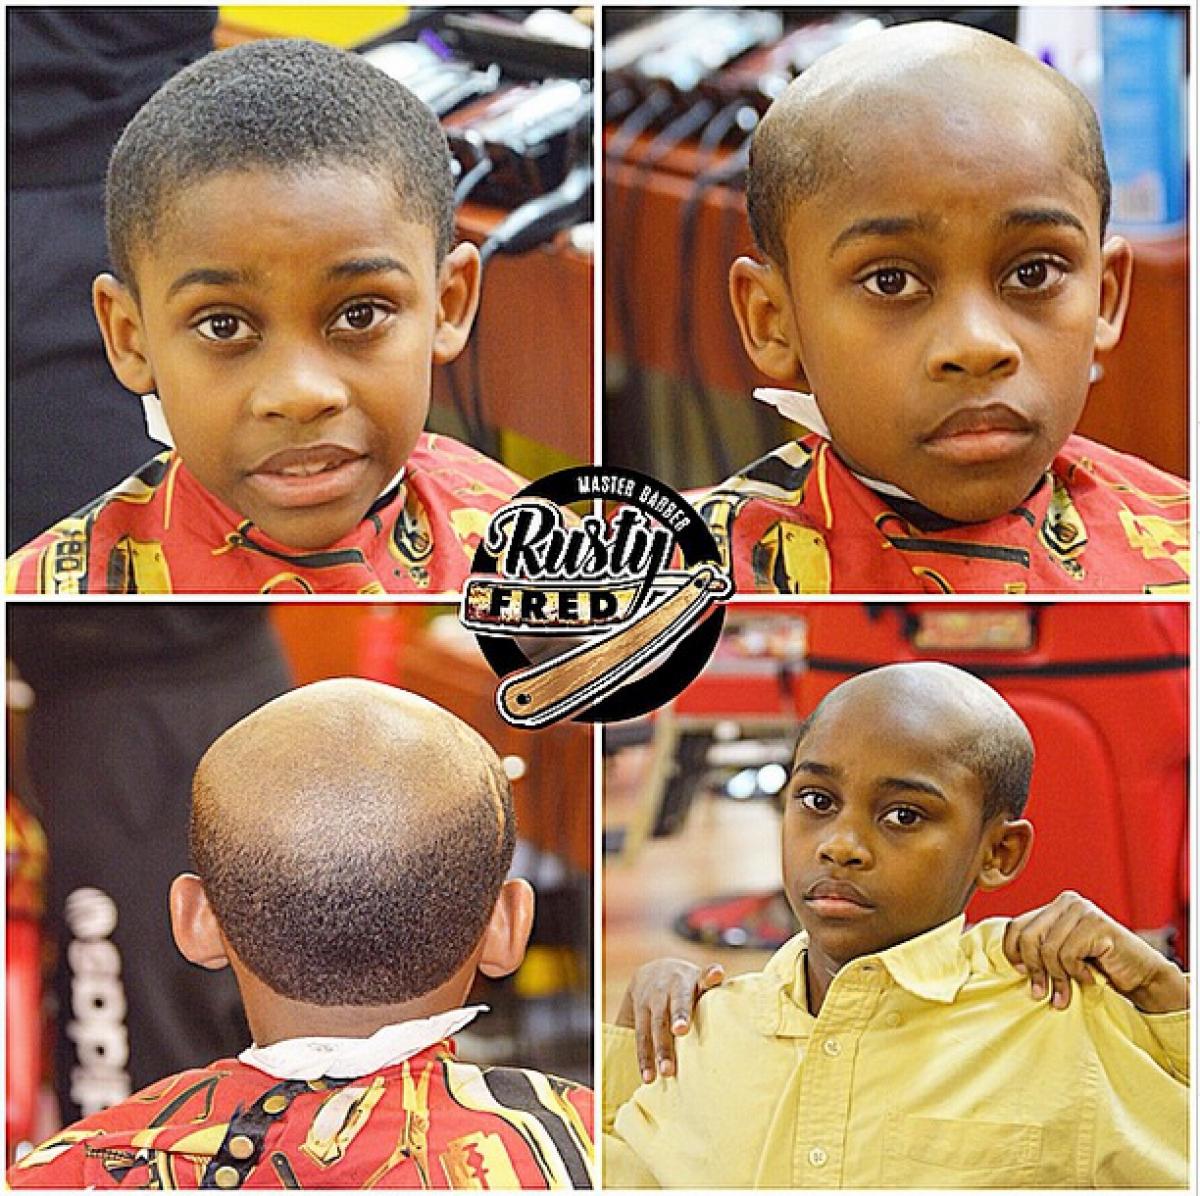 Κουρέας «τιμωρεί» τα απείθαρχα παιδιά κάνοντάς τα να μοιάζουν φαλακρά!